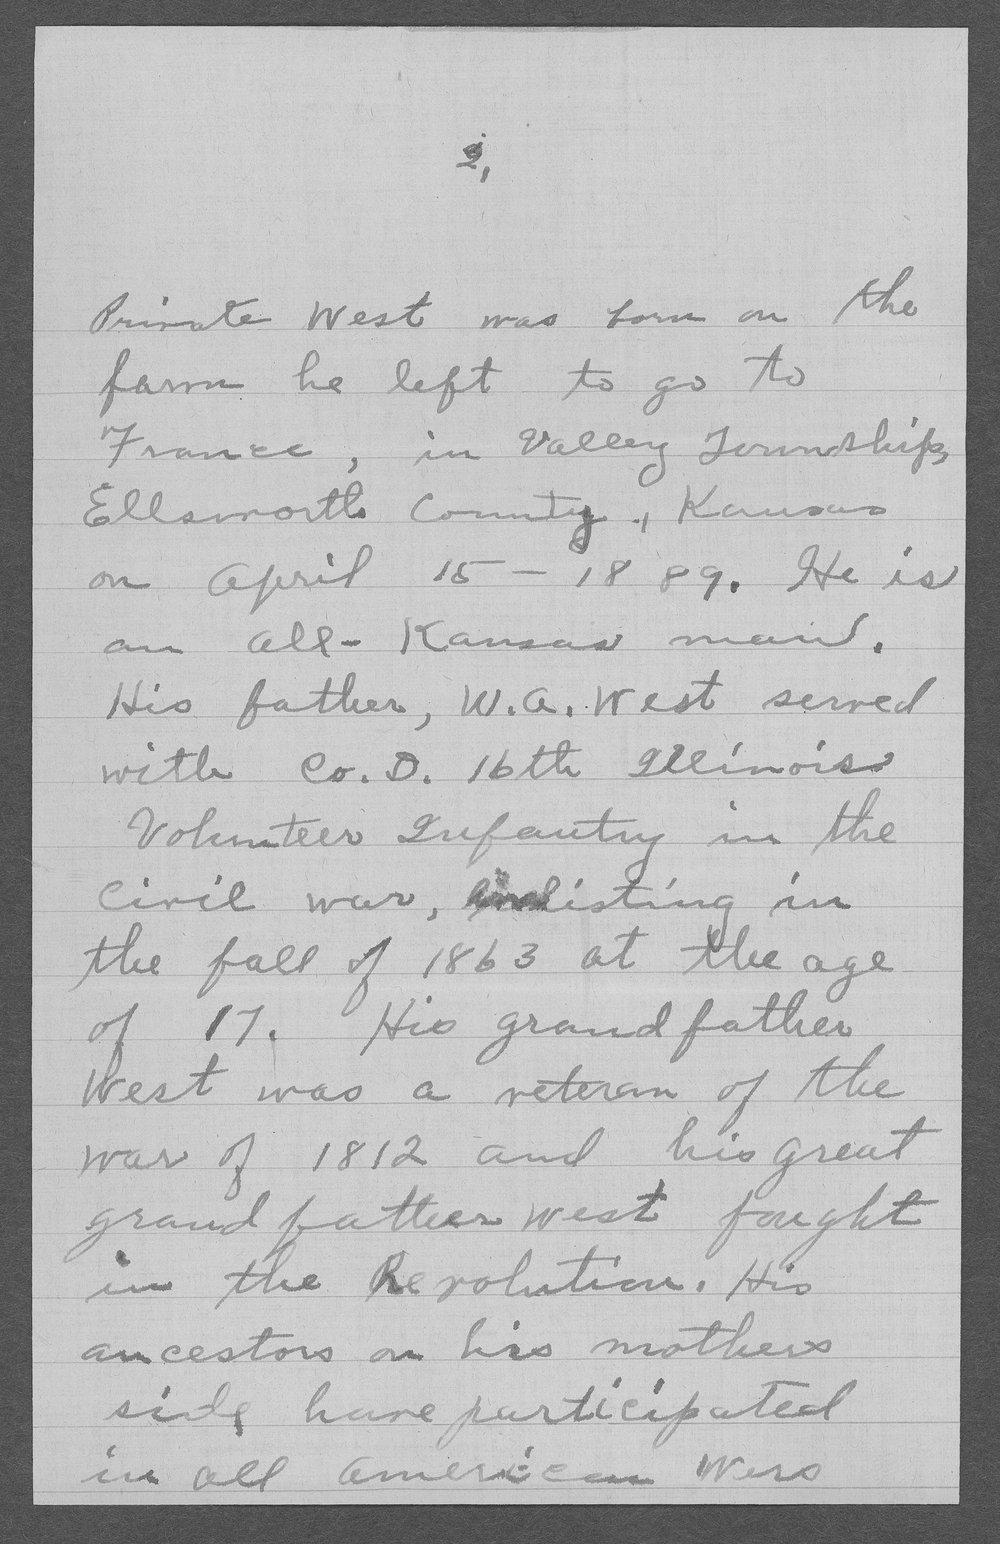 Harrison M. West, World War I soldier - 4